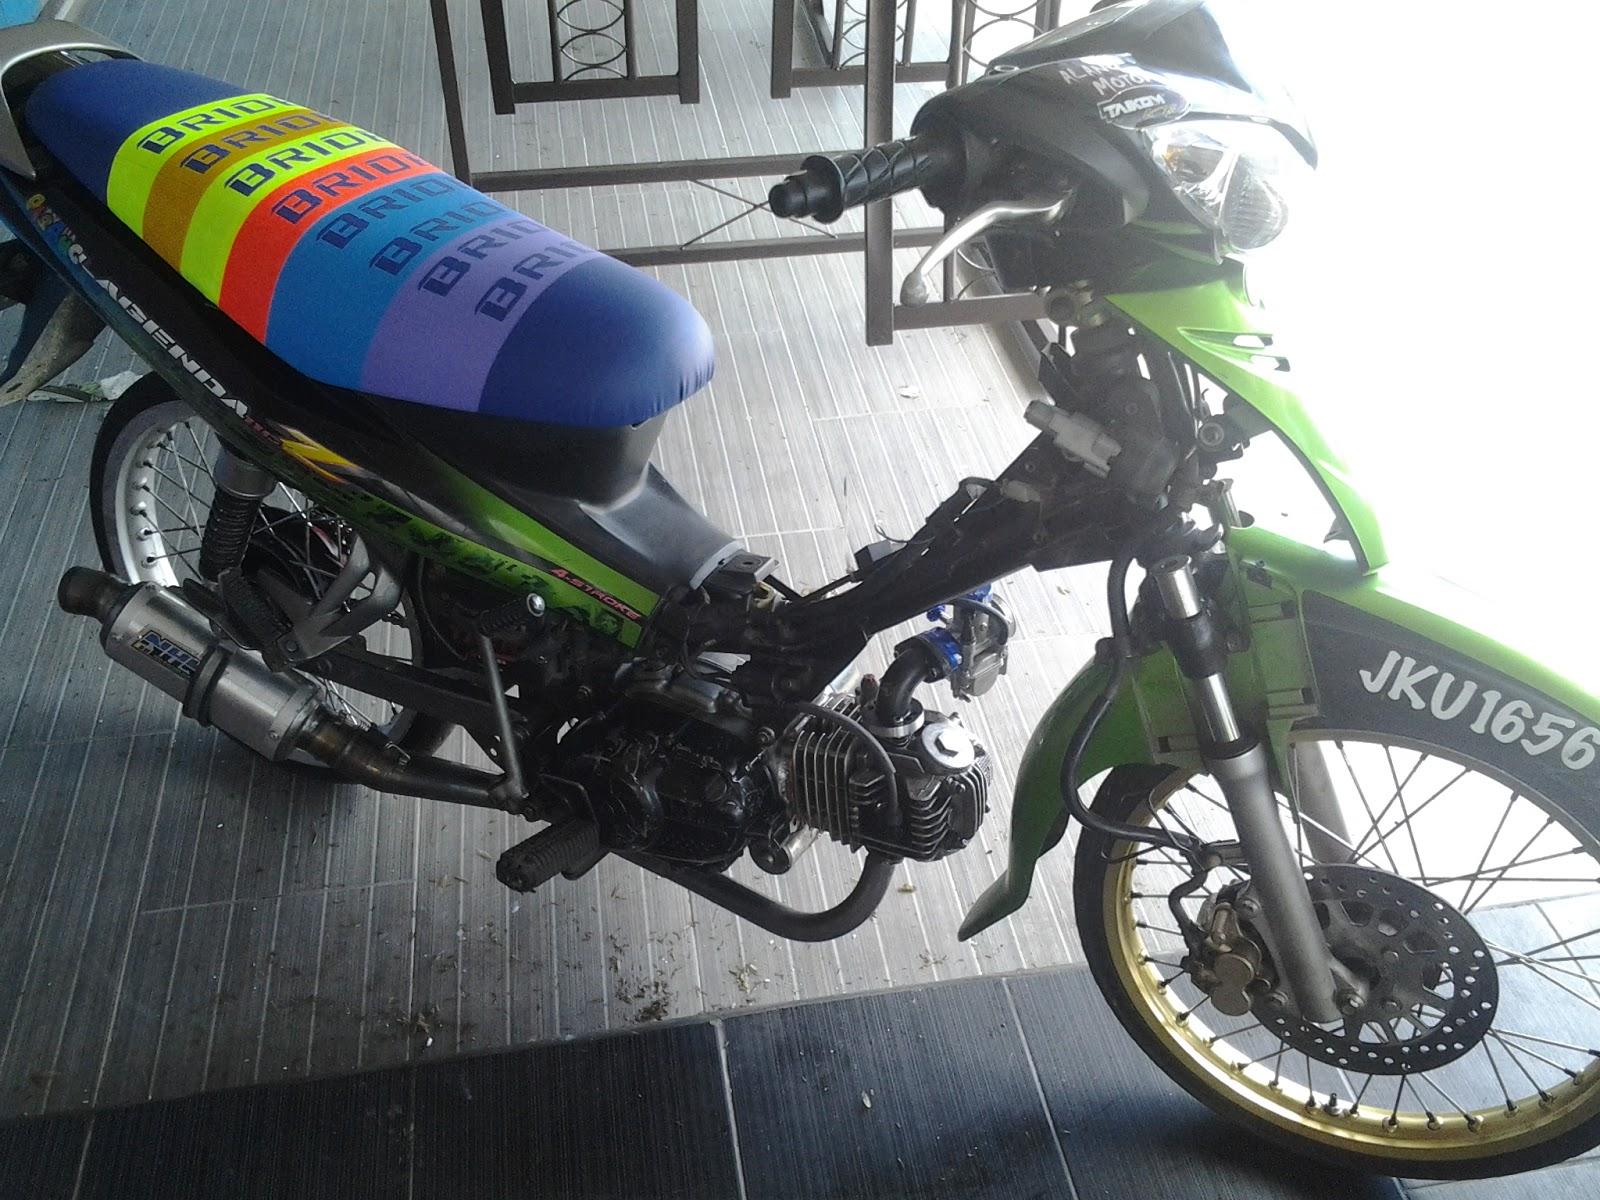 Tuned By Alang Motor Yamaha Lagenda Big Bore 214cc